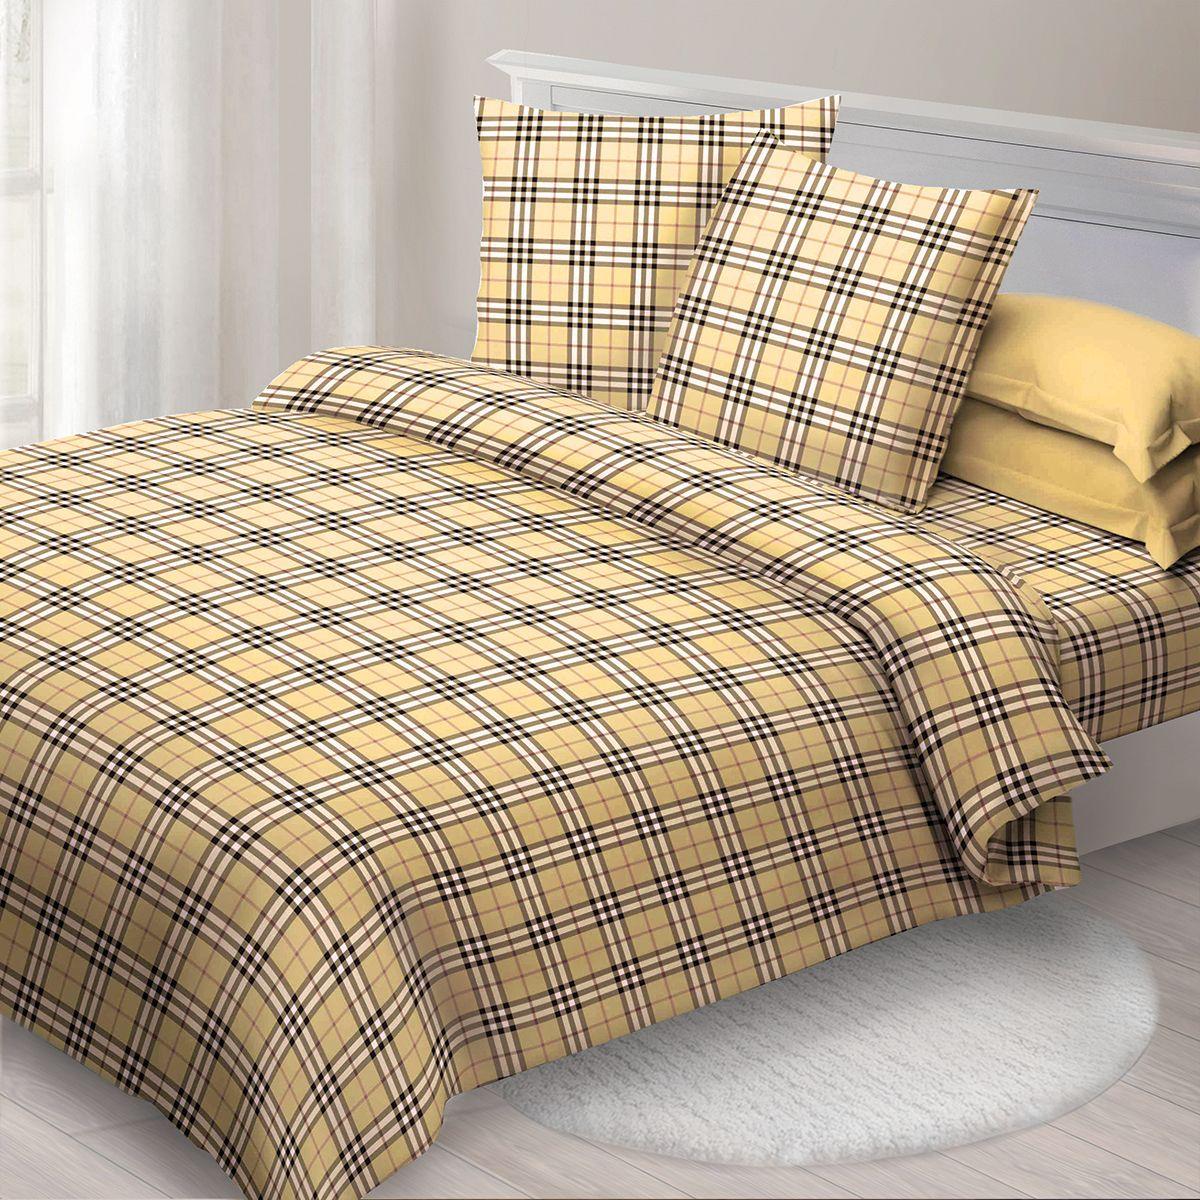 Комплект белья Спал Спалыч Кенсингтон, 1,5 спальное, наволочки 70x70, цвет: бежевый. 1253-182445